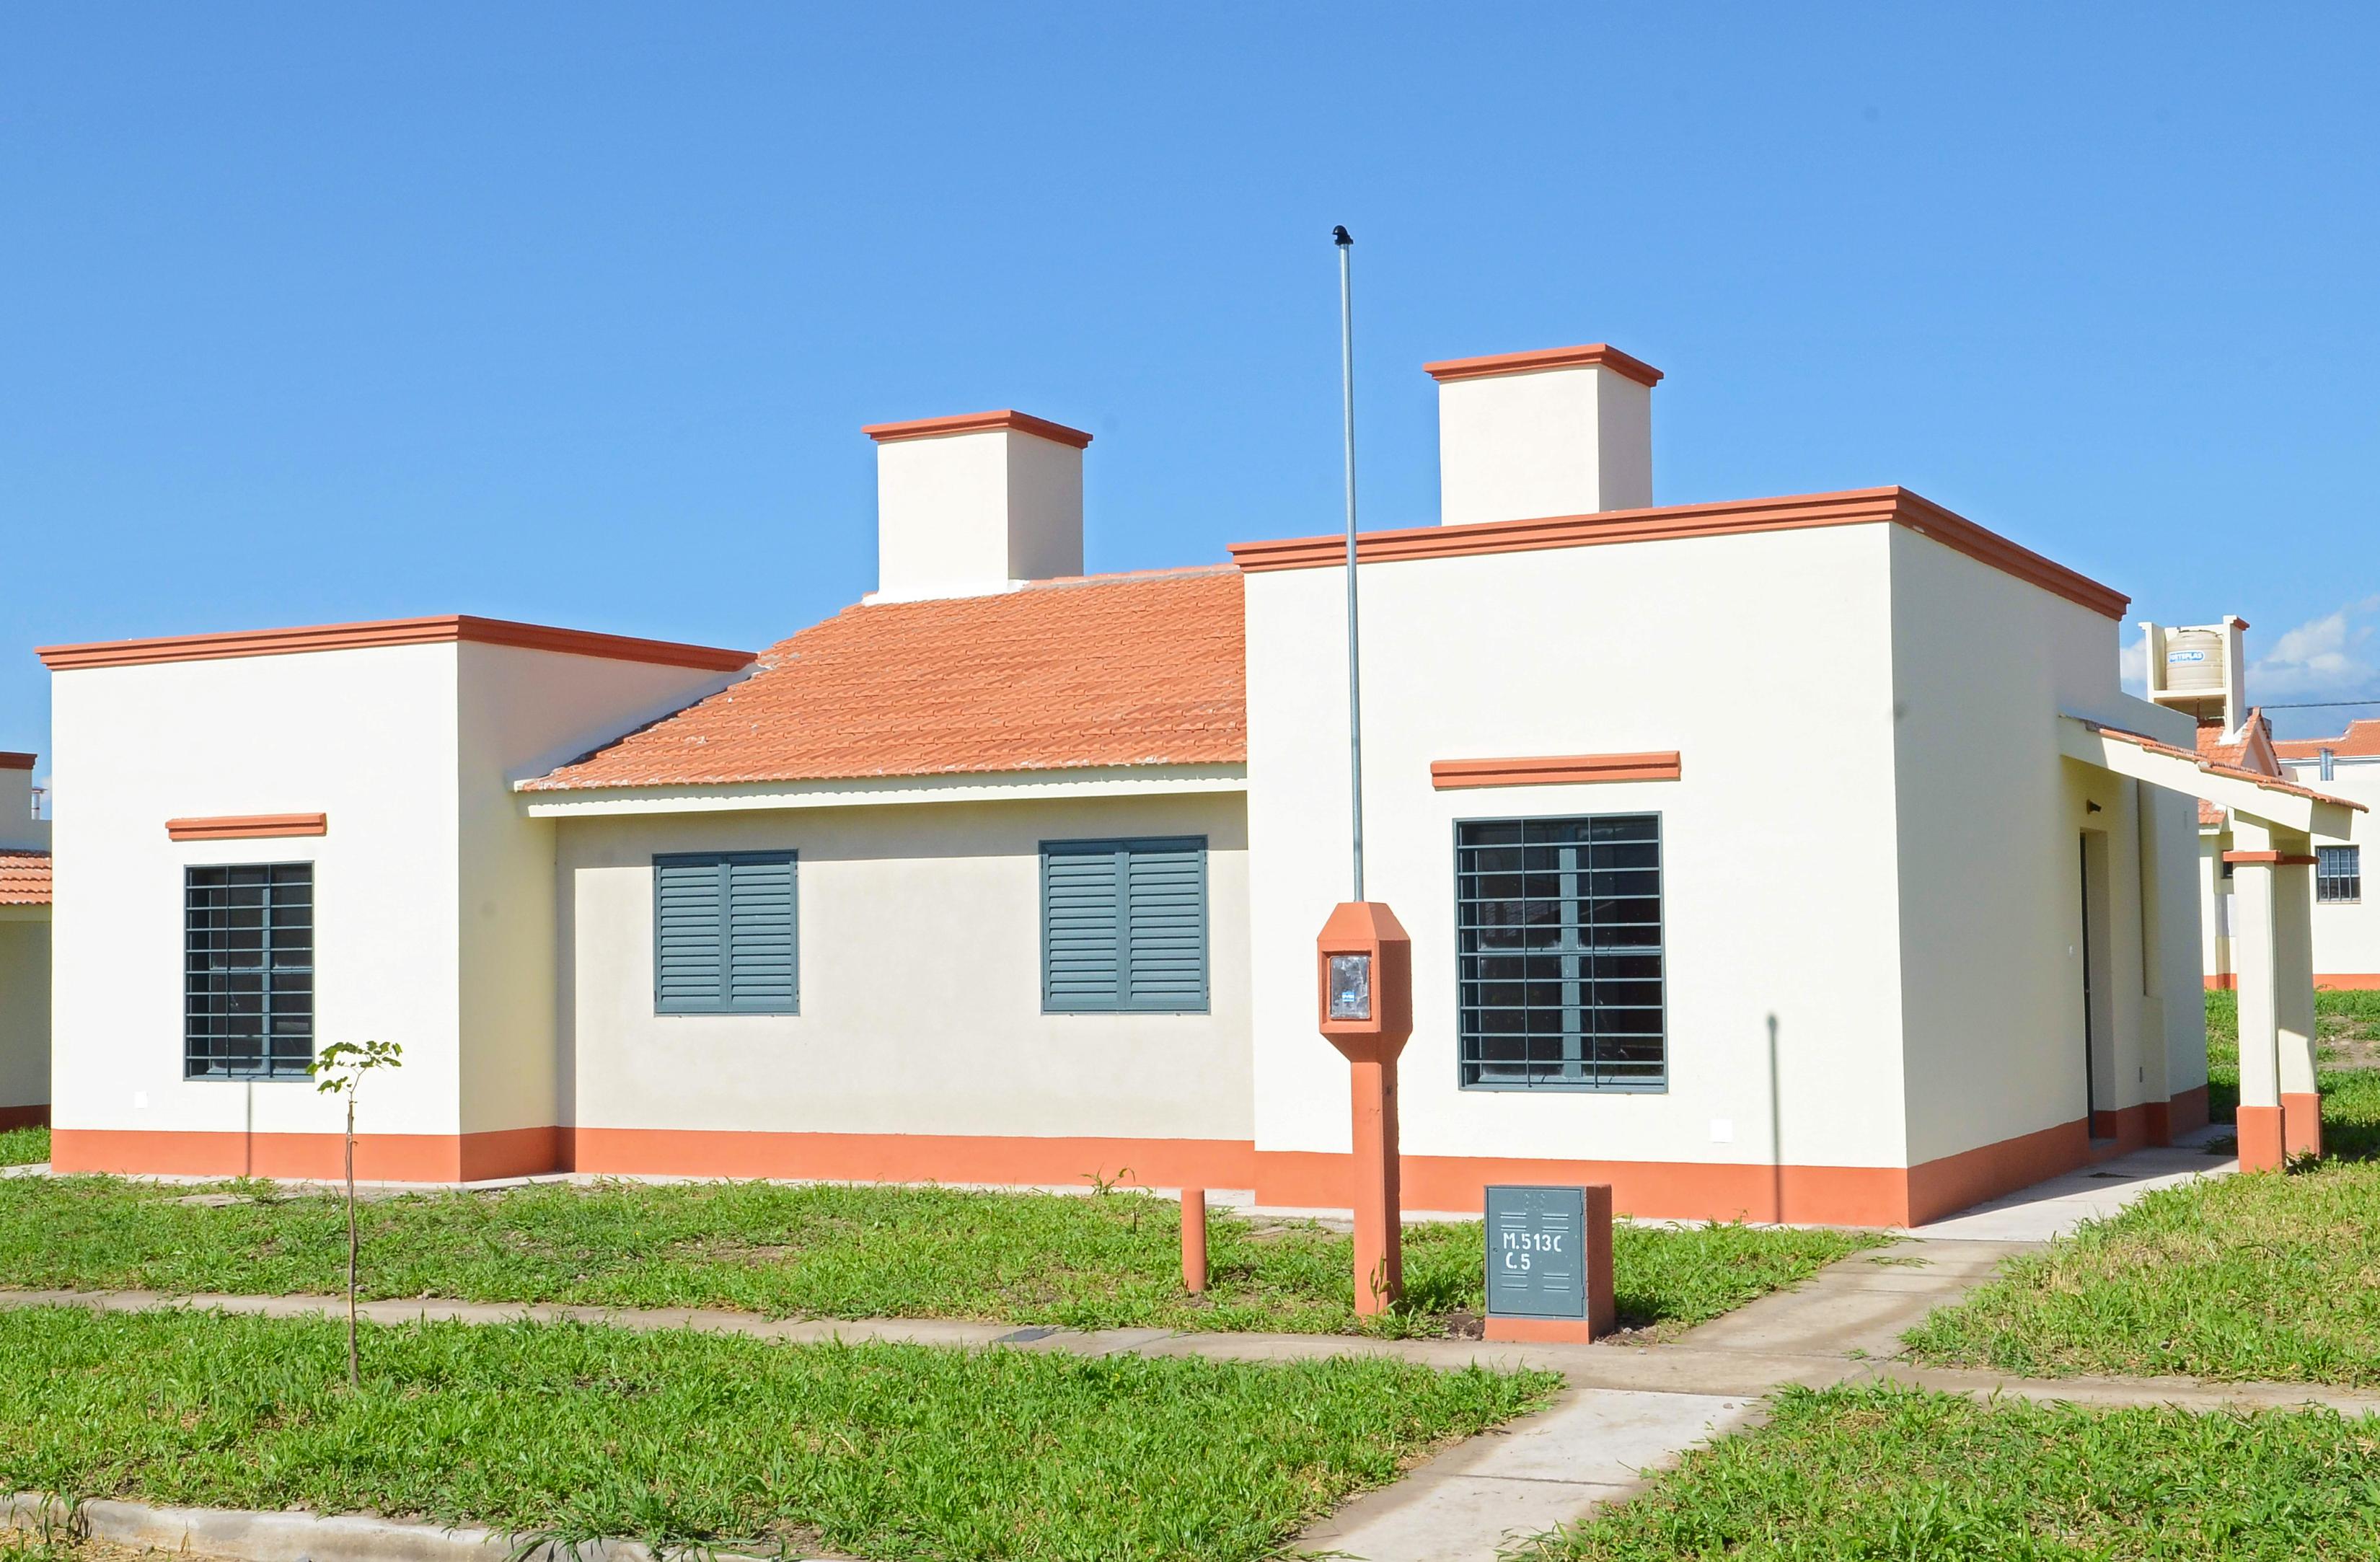 Instituto provincial de vivienda el ipv inicia un for Viviendas minimalistas